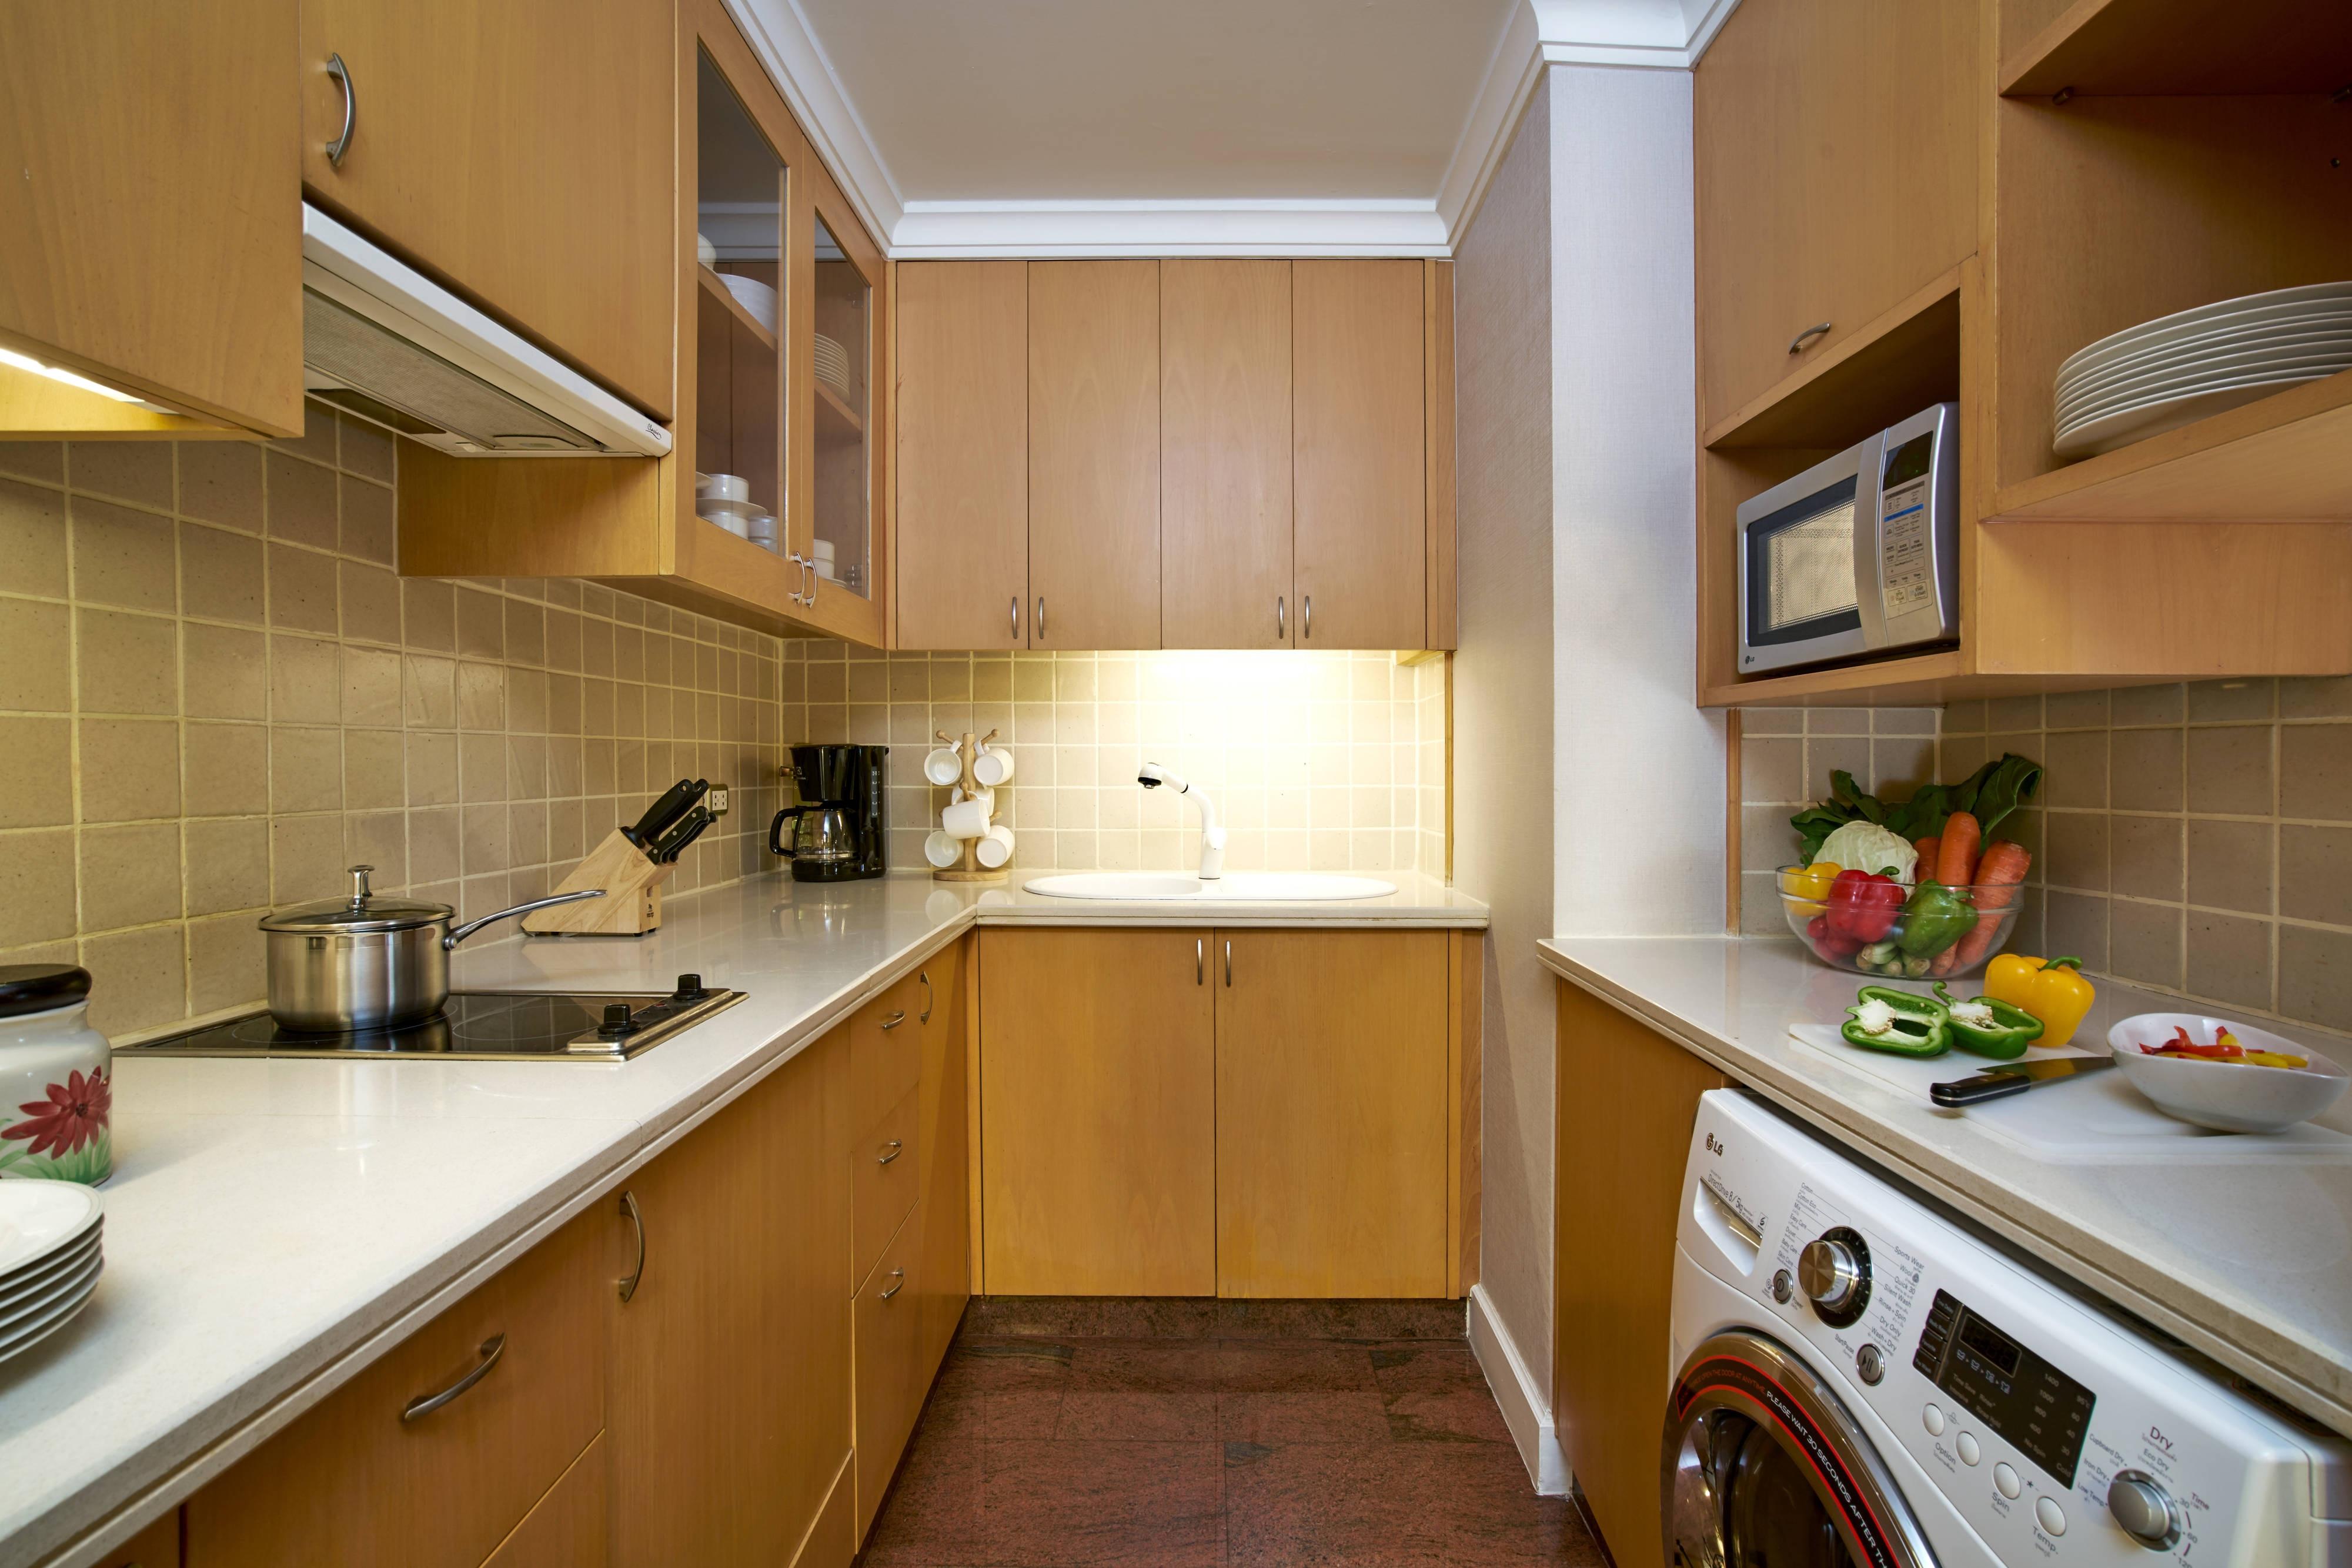 Suite de lujo de un dormitorio - Cocina